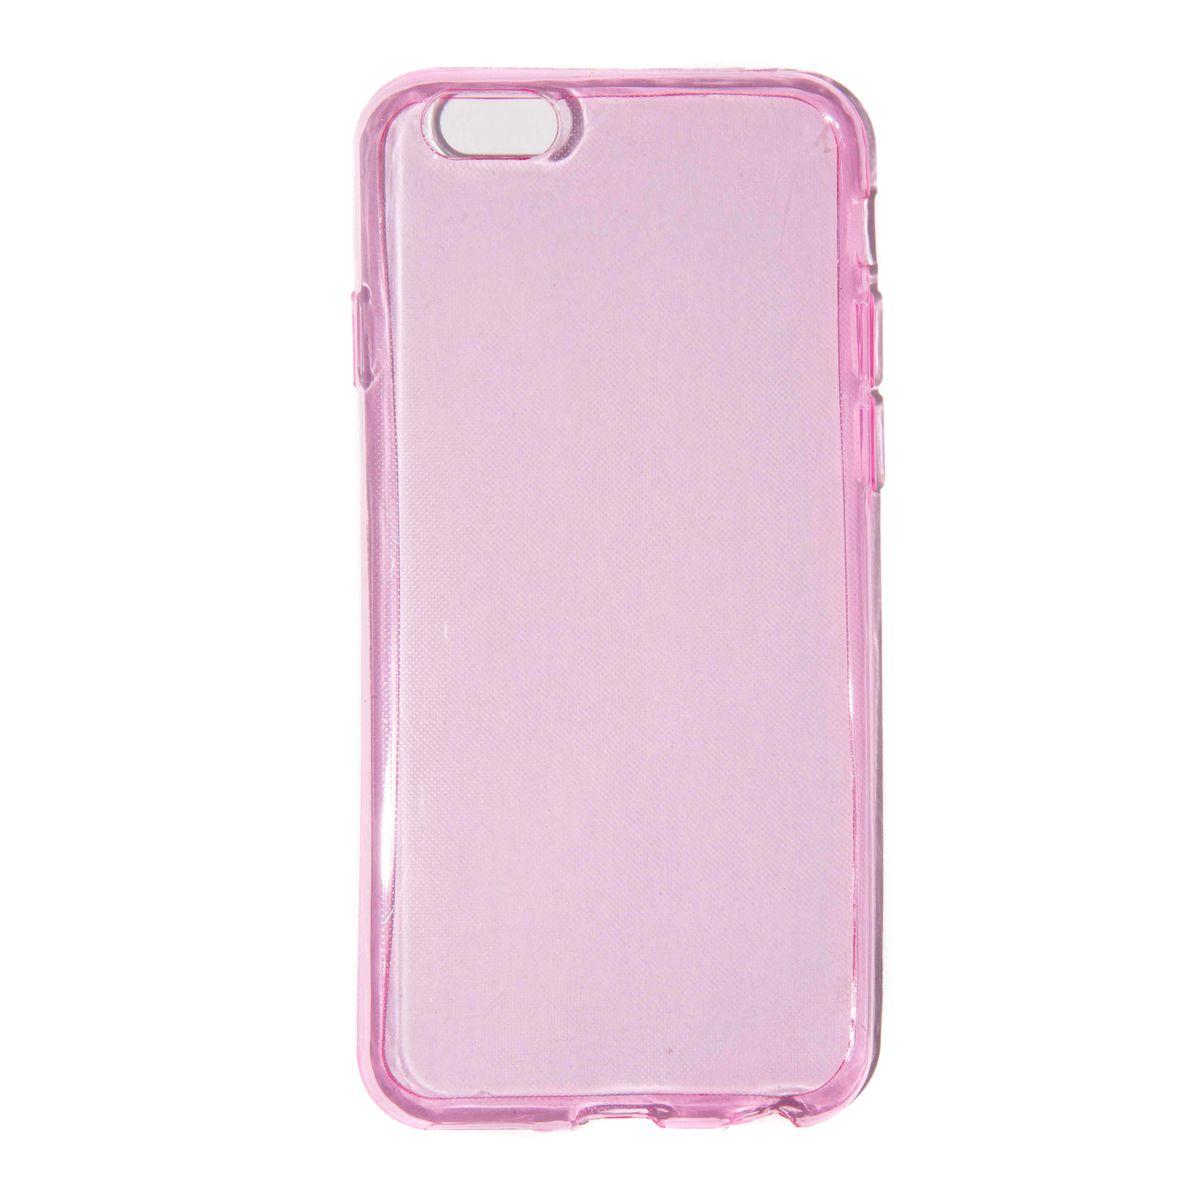 Mitya Veselkov чехол для Apple iPhone 6/6s, PinkIP6.МITYA-222Оденьте свой любимый iPhone! Чехол Mitya Veselkov для iPhone 6/6s не просто средство защиты от царапин и внешних повреждений, но и модный аксессуар, который сделает ваш образ завершенным. Это стильная и элегантная деталь вашего образа, которая всегда обращает на себя внимание среди множества вещей.